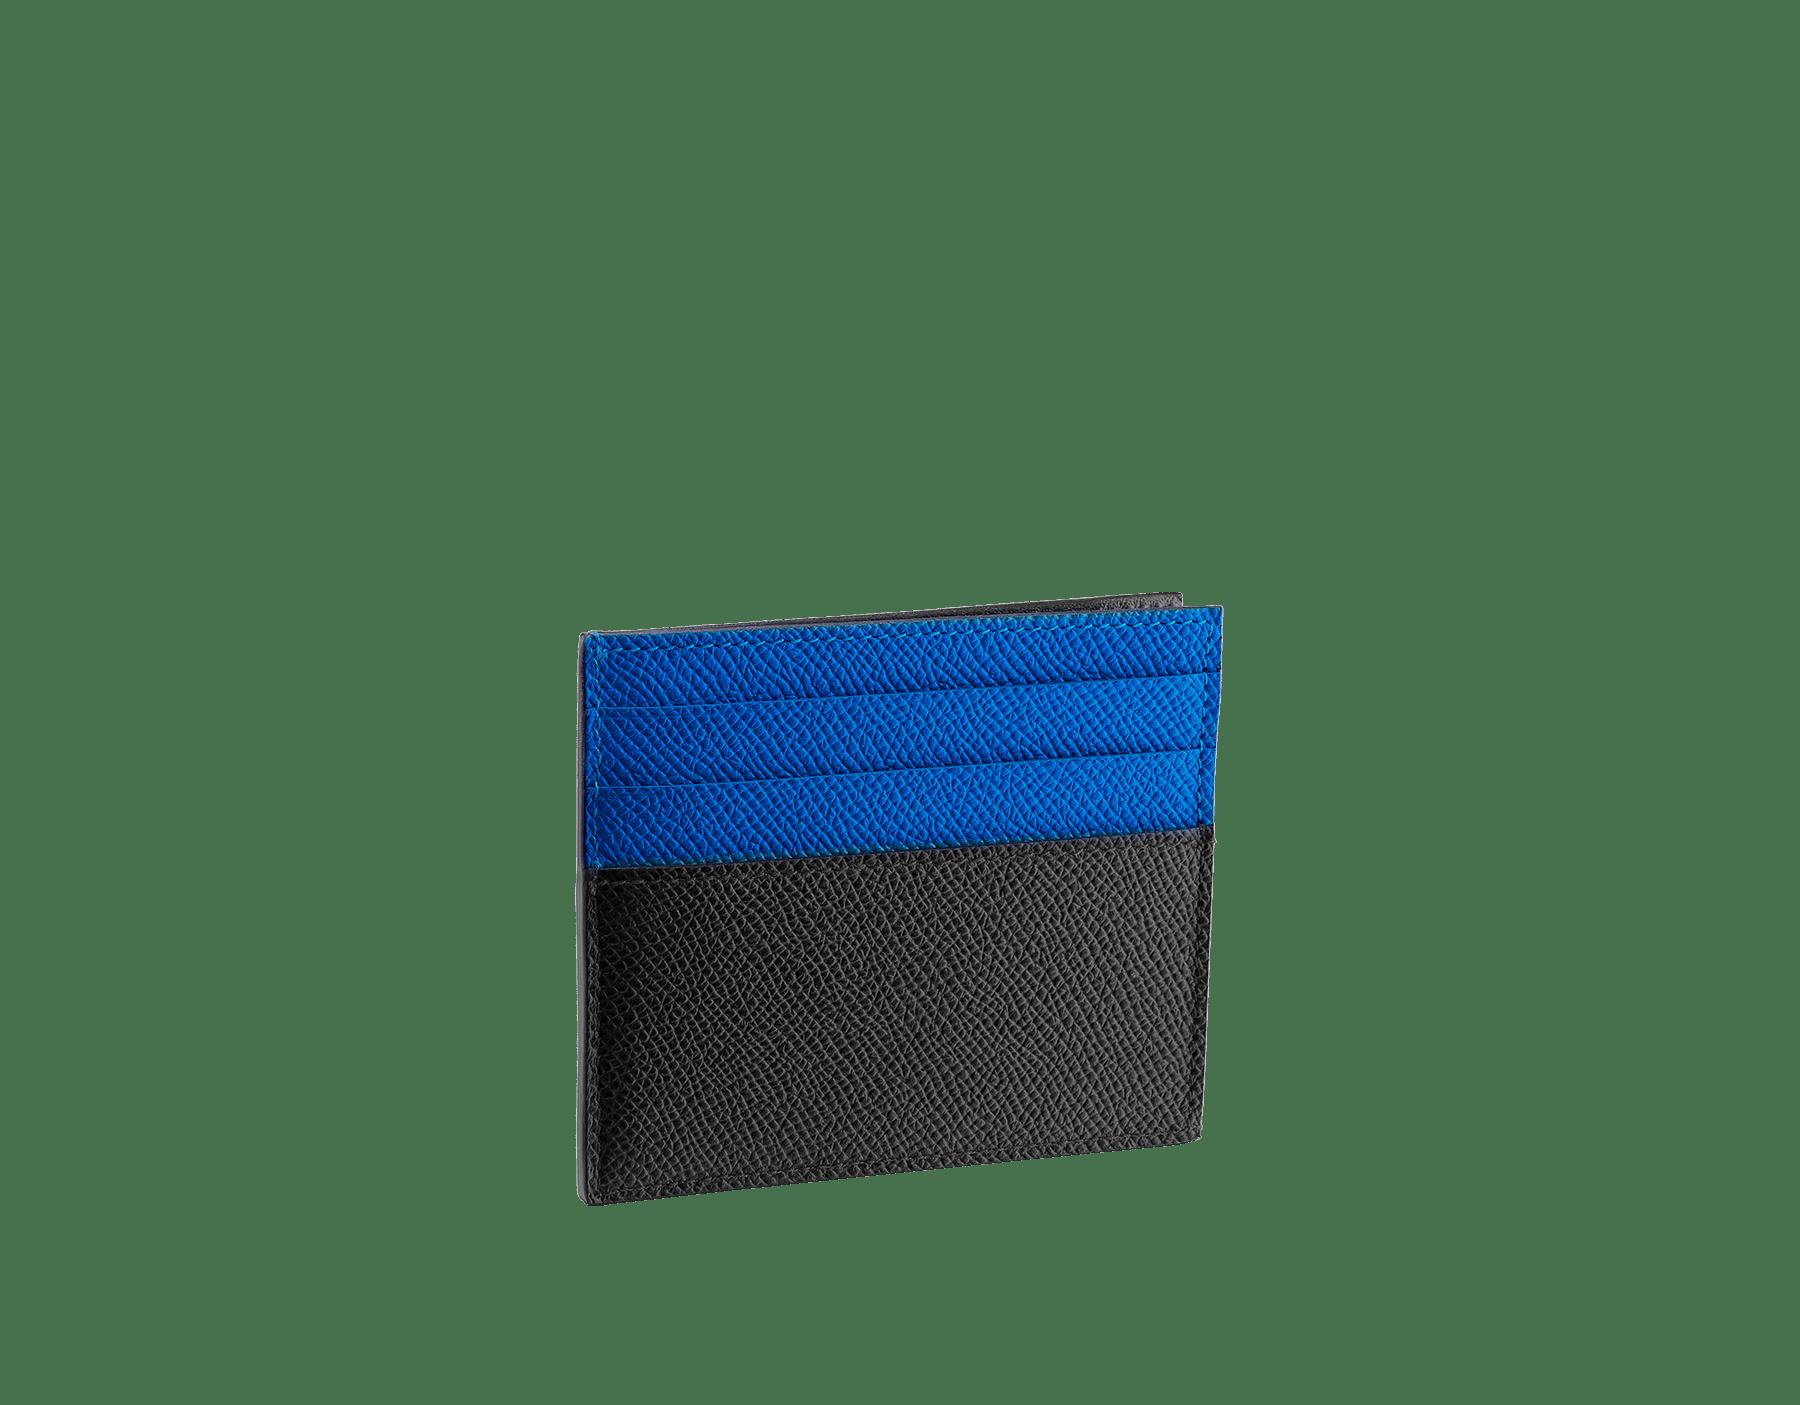 Porta-cartão de crédito aberto BVLGARIBVLGARI em couro de novilho granulado preto e turmalina-cobalto com forro em napa preta. Icônica decoração de logotipo em metal banhado a paládio. 288308 image 1